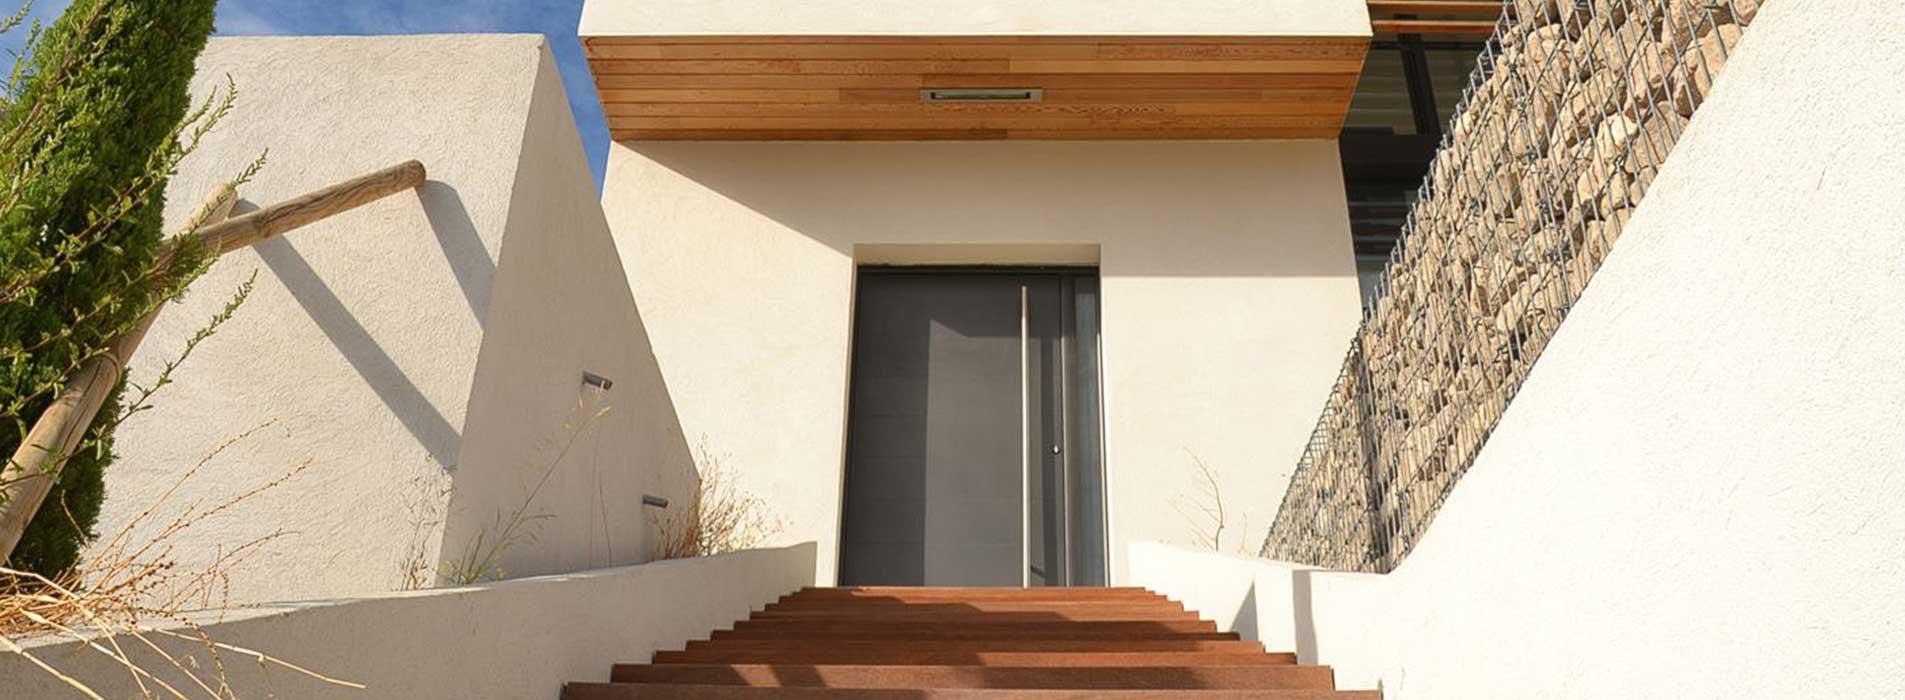 06-constructeur-maison-contemporaine